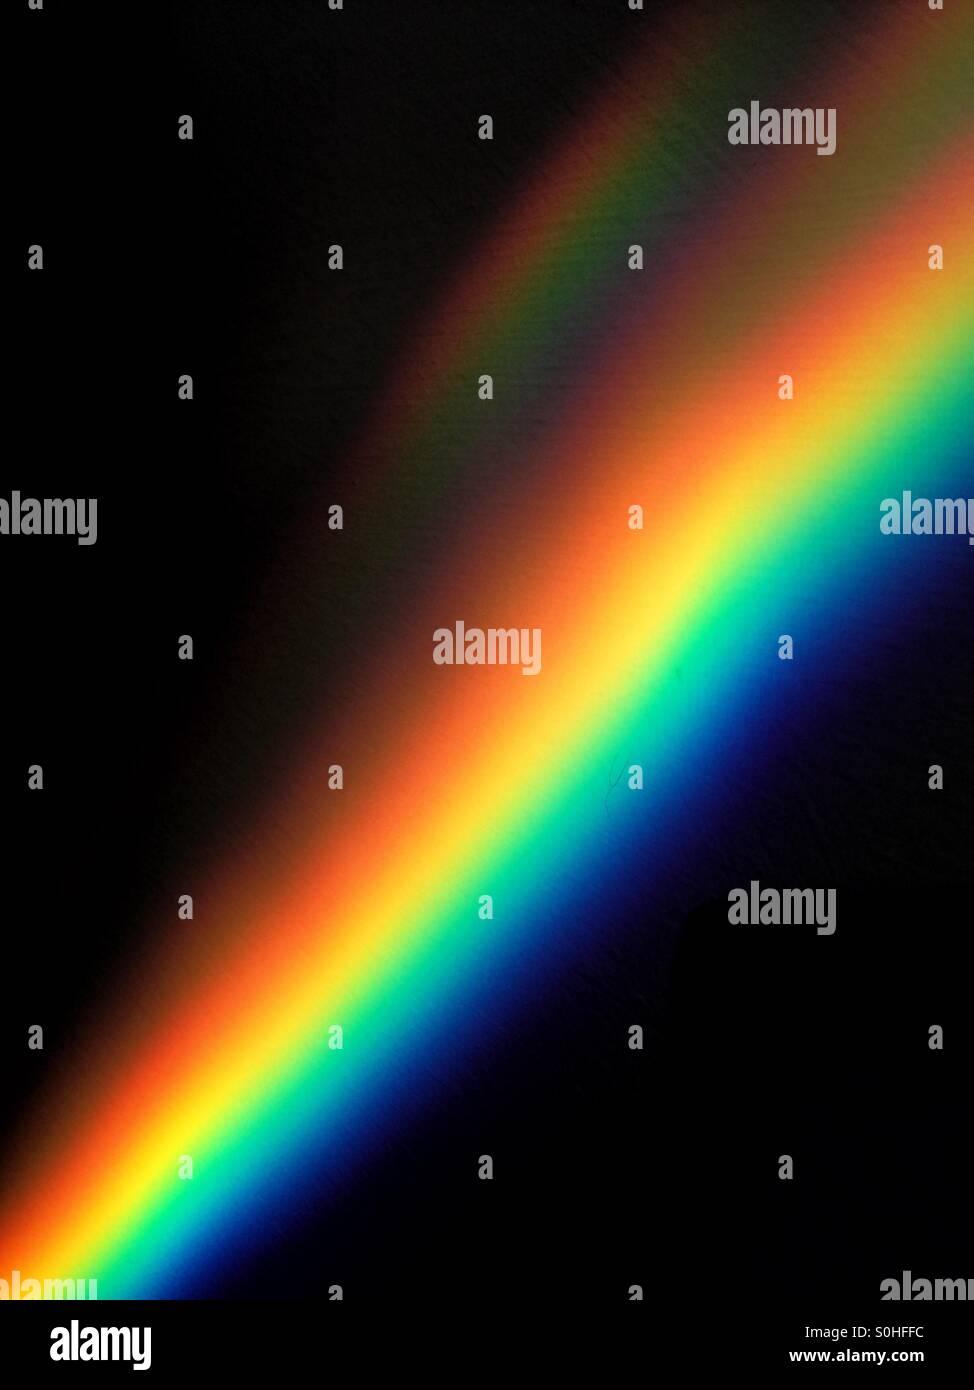 Spectrum - Stock Image